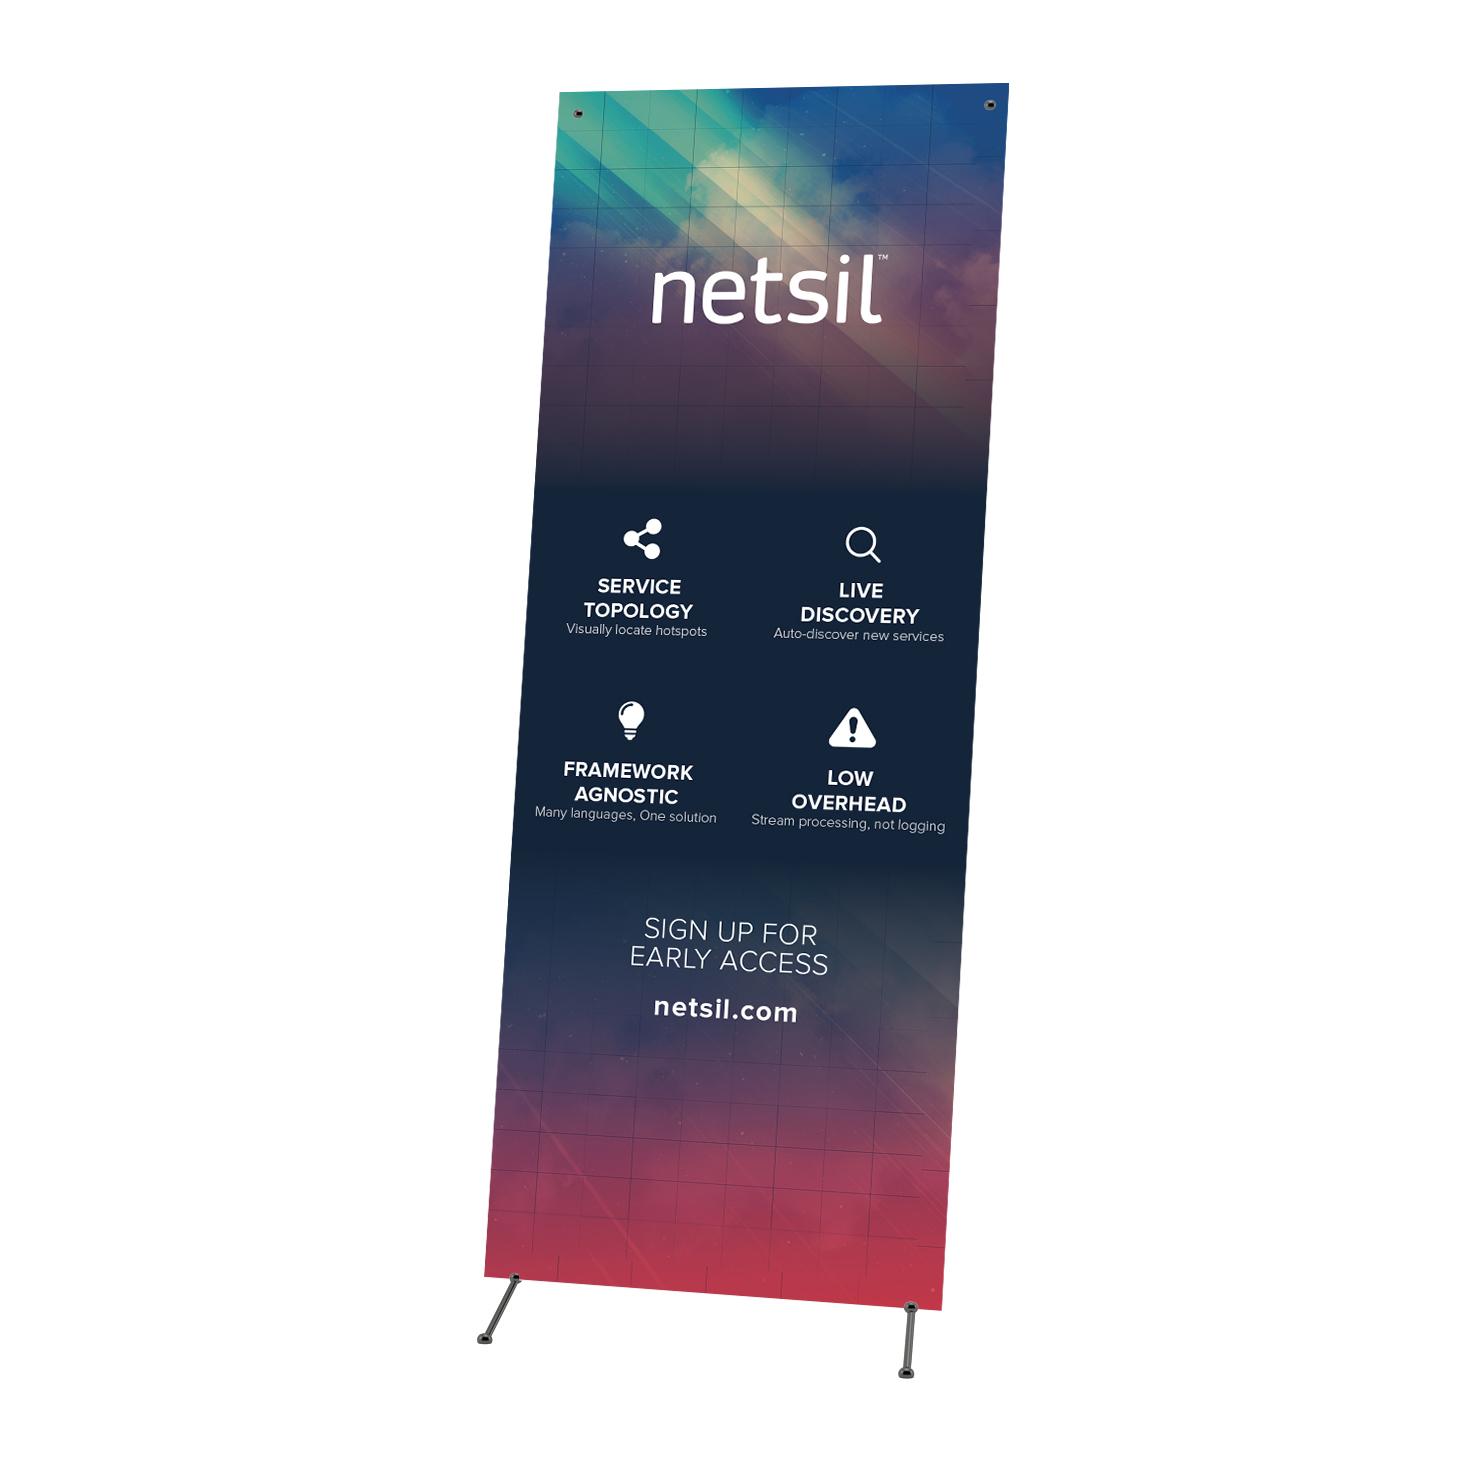 Mockup_Netsil_Banner.jpg